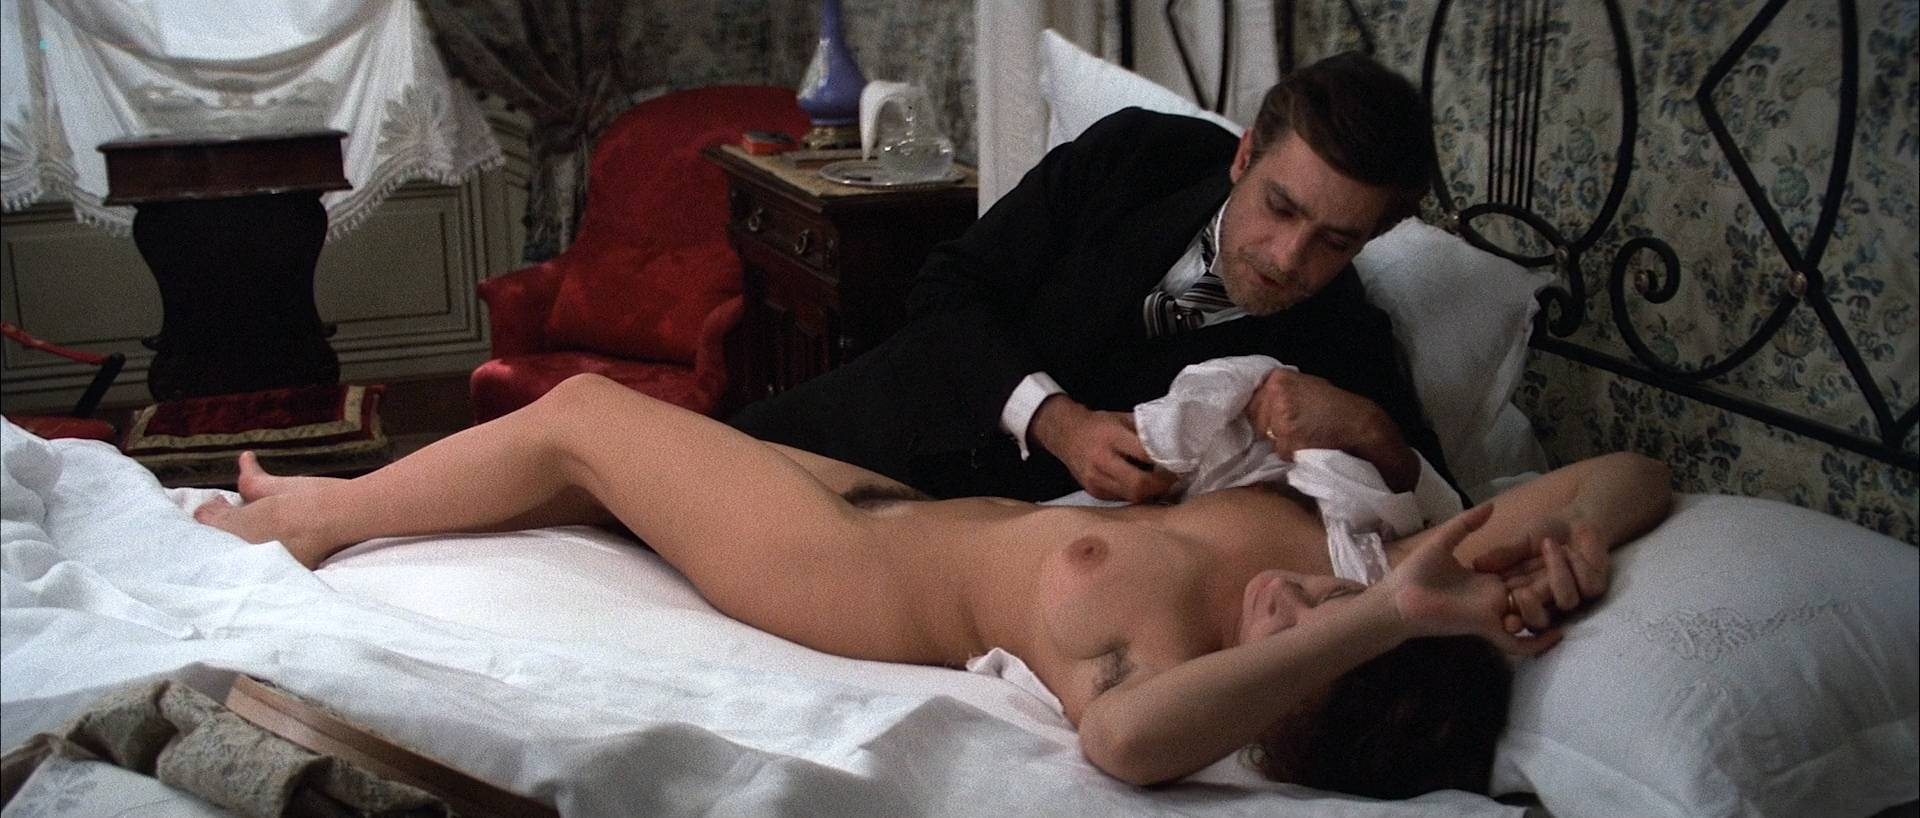 Laura Antonelli nude bush and topless - L'innocente (IT-1976) HD 1080p BluRay (8)